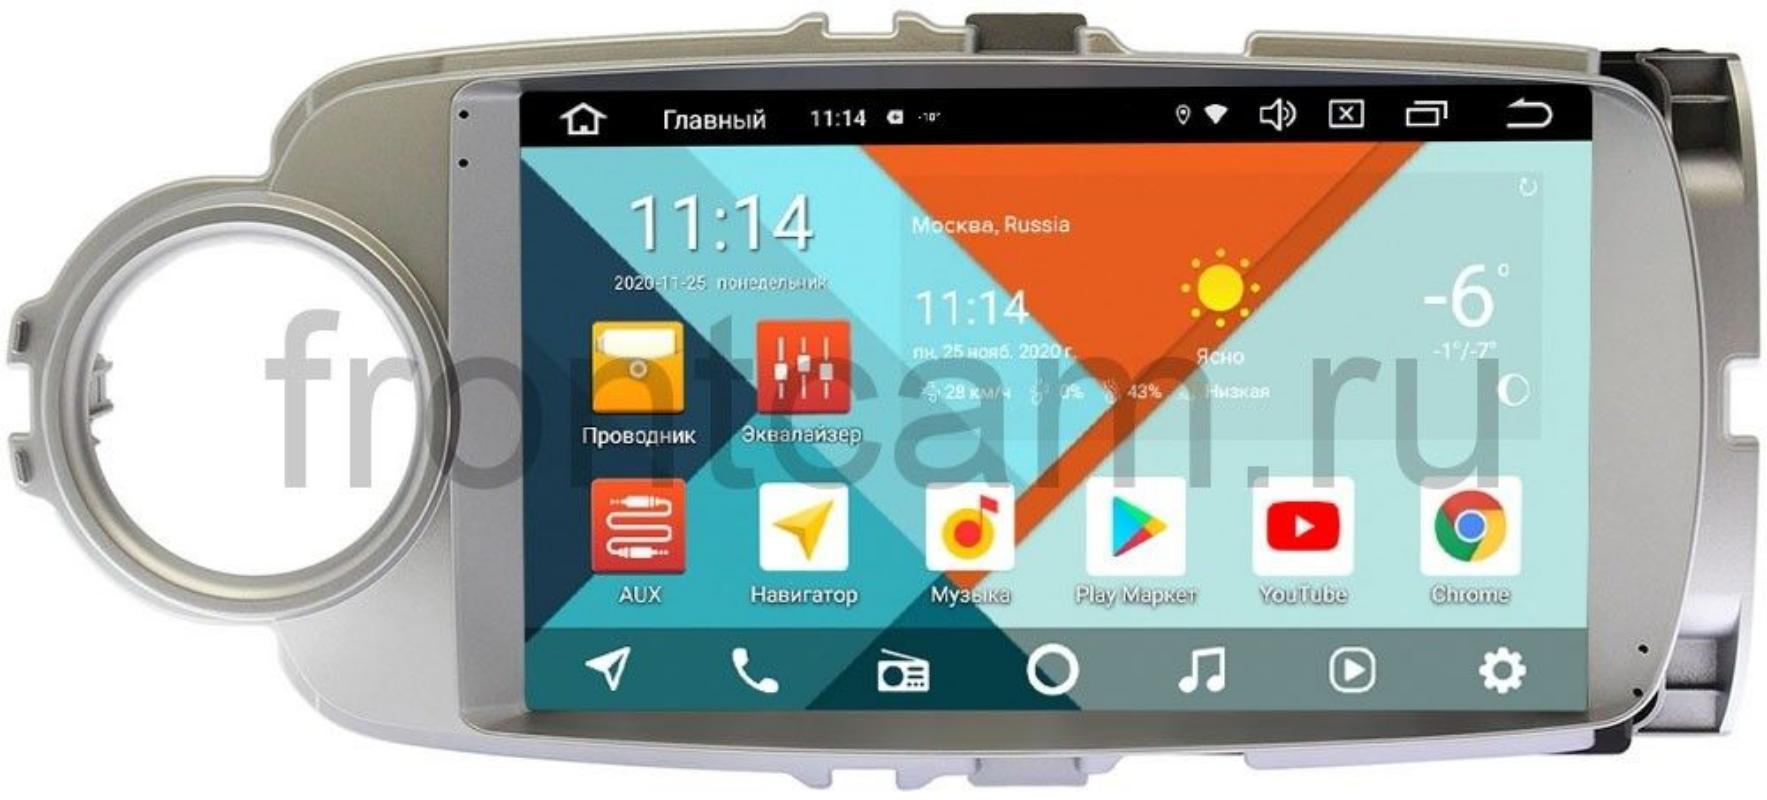 Штатная магнитола Toyota Yaris III (XP130), Vitz III (XP130) 2010-2018 Wide Media KS9245QM-2/32 DSP CarPlay 4G-SIM на Android 10 (+ Камера заднего вида в подарок!)